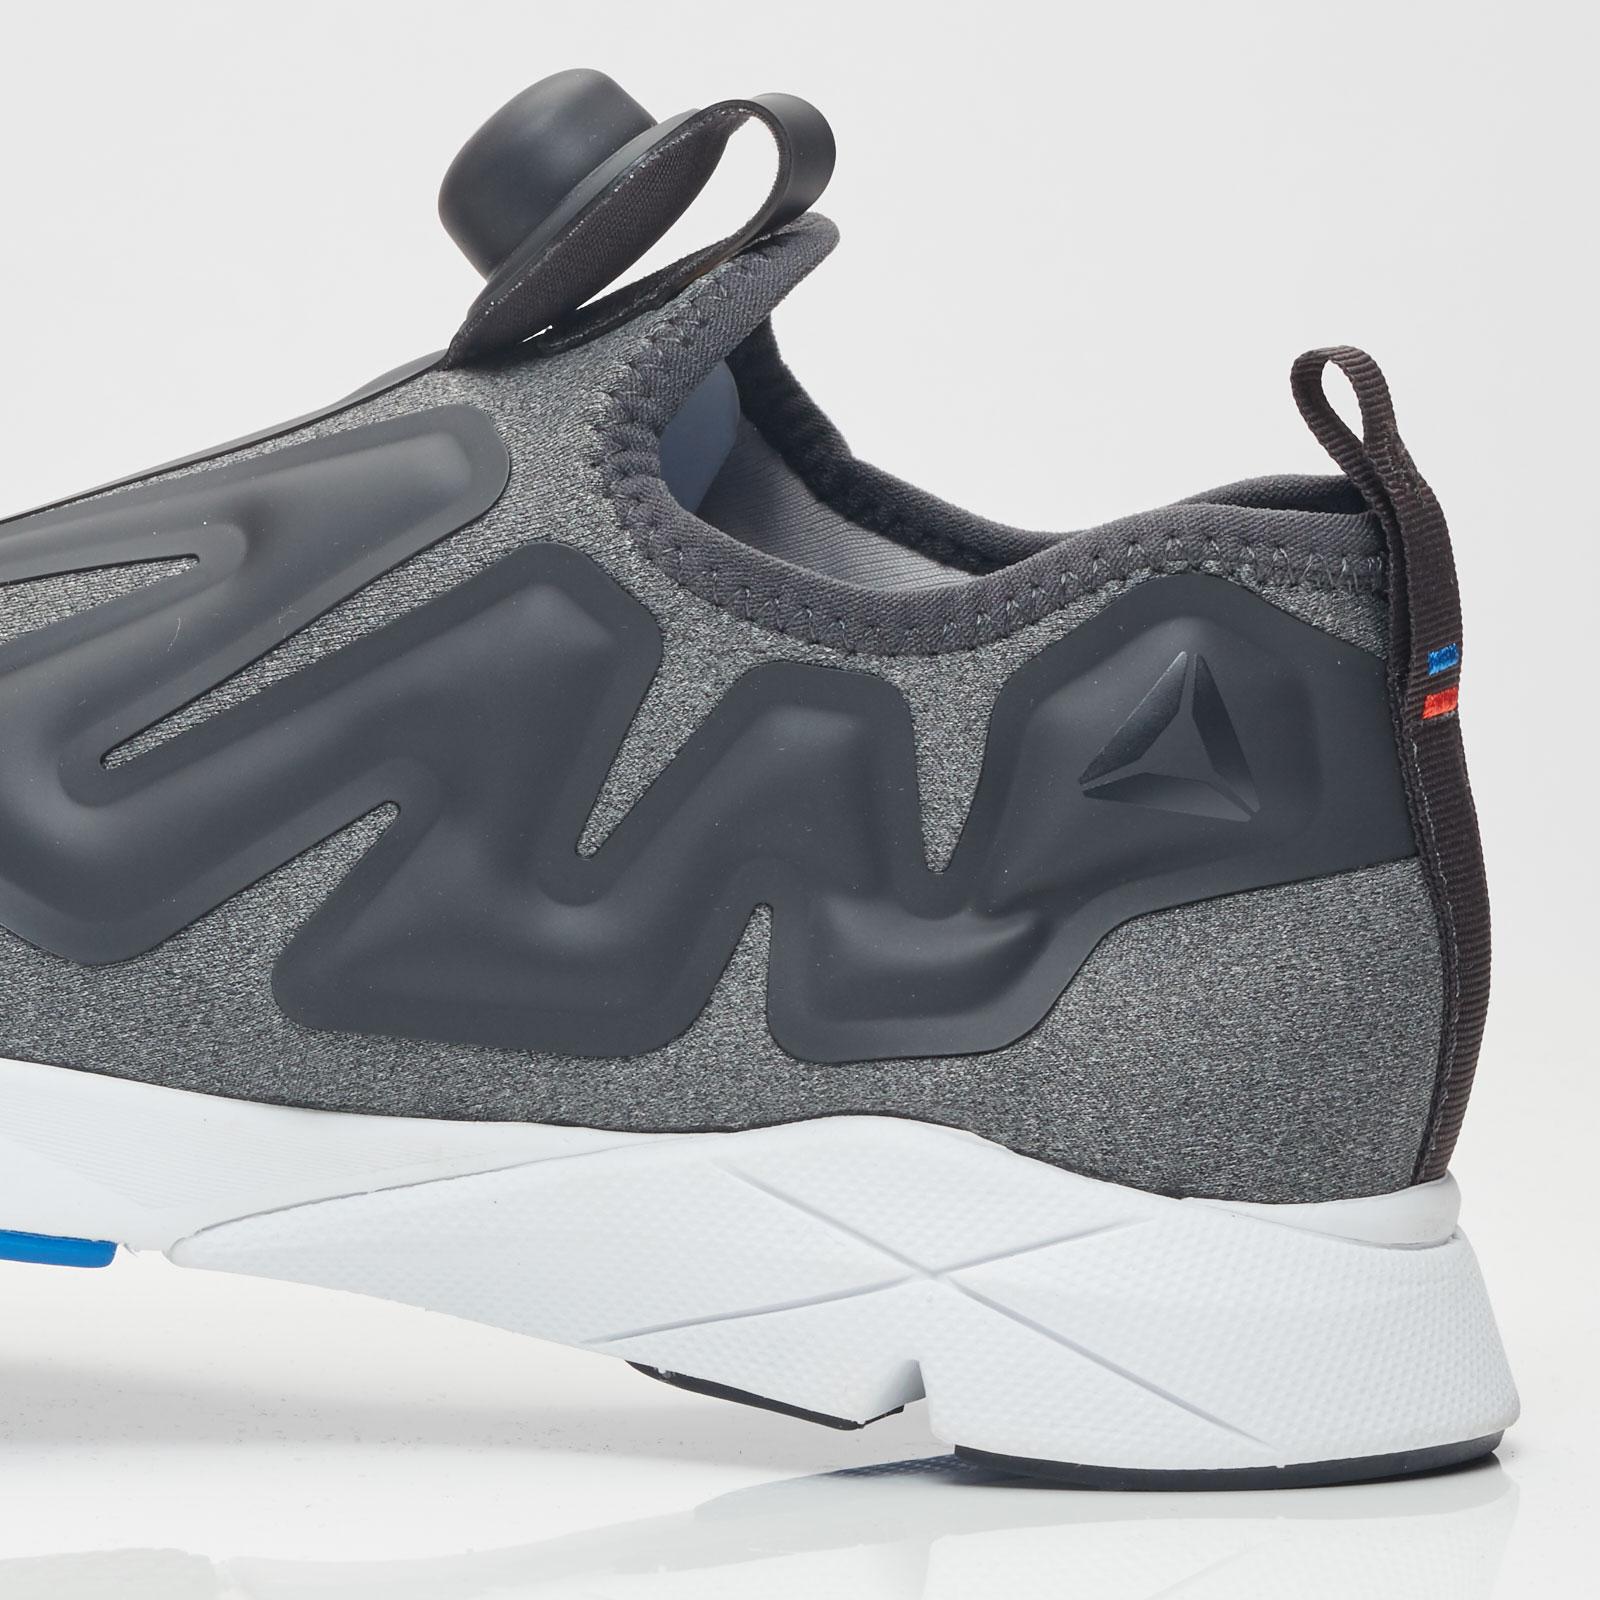 214a08129605 Reebok Pump Plus Supreme Hoodie - Bs7044 - Sneakersnstuff